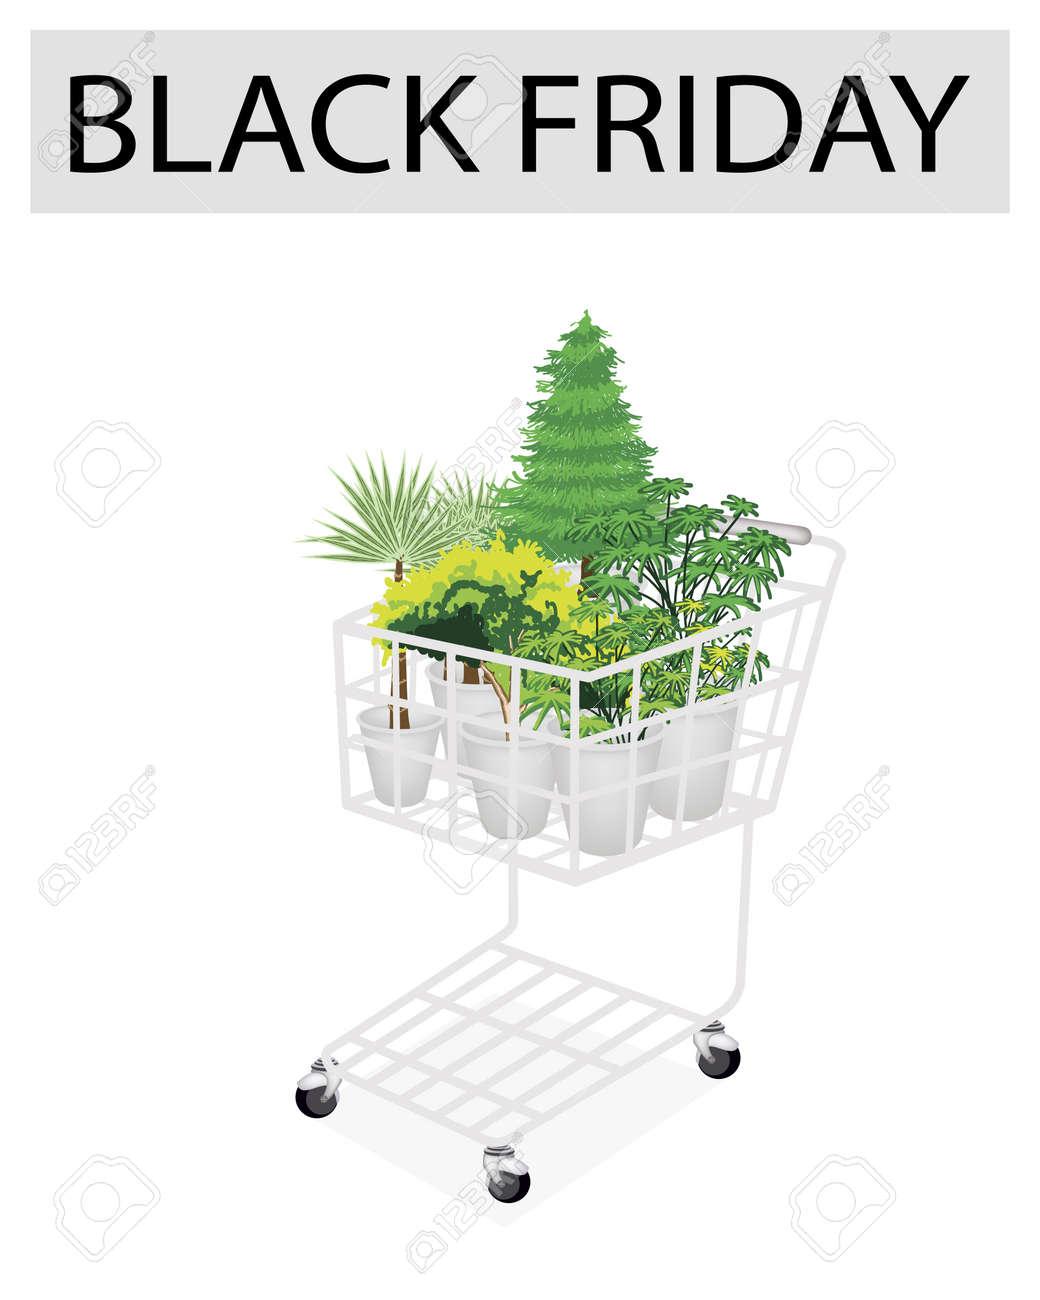 Foto Di Piante Sempreverdi un carrello pieno di varietà di piante, sempreverdi e alberi verdi per  venerdì nero shopping season e più grande promozione di sconto in un anno.